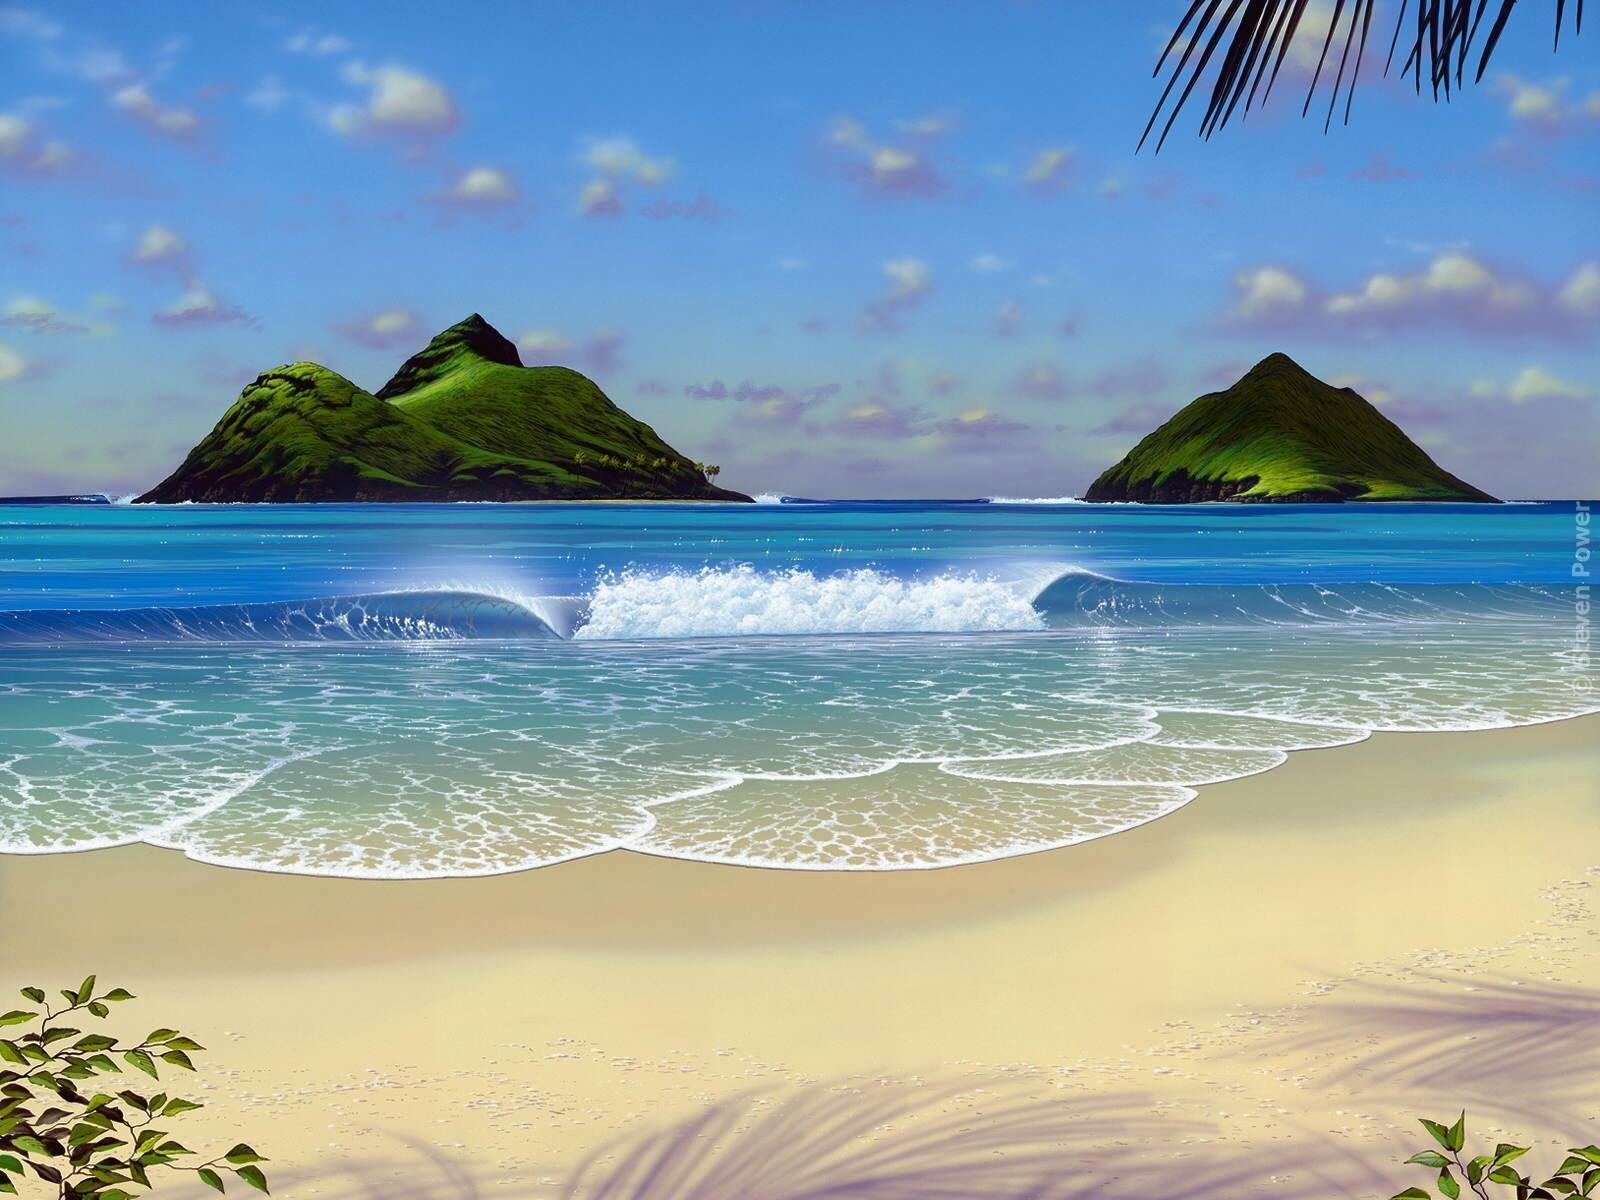 14484 скачать обои Пейзаж, Вода, Море, Пляж - заставки и картинки бесплатно